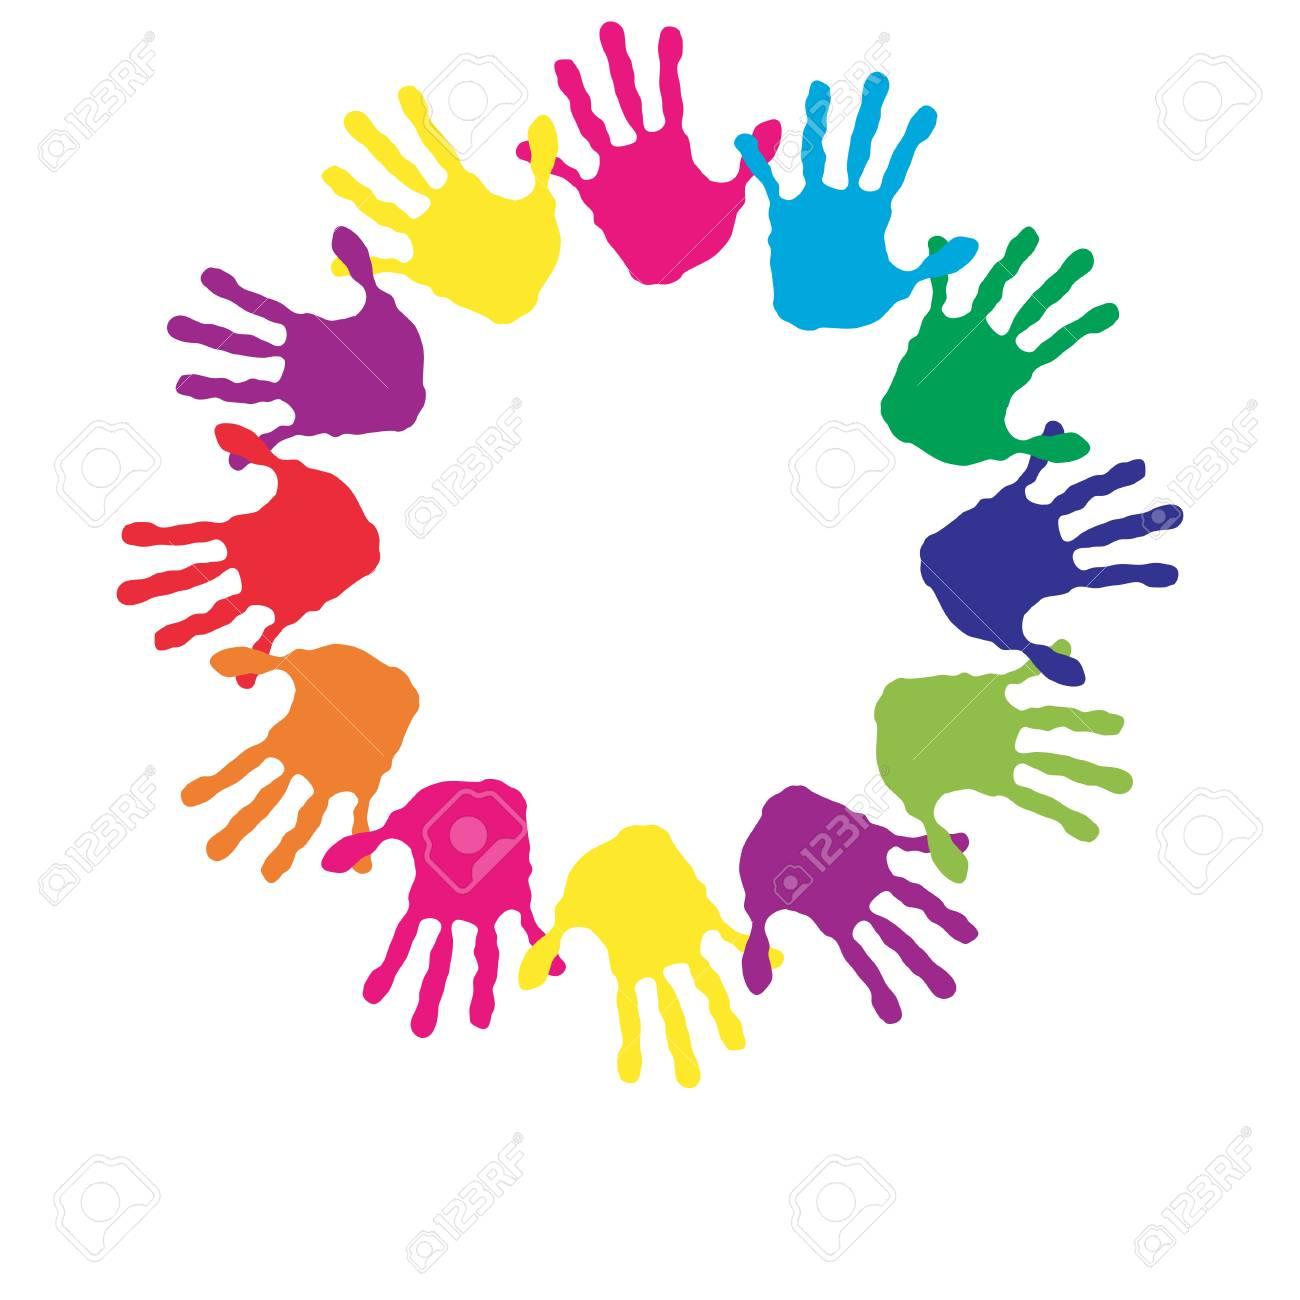 Konzept Oder Konzeptionelle Kinder Gemalt Handabdruck Auf Weissem